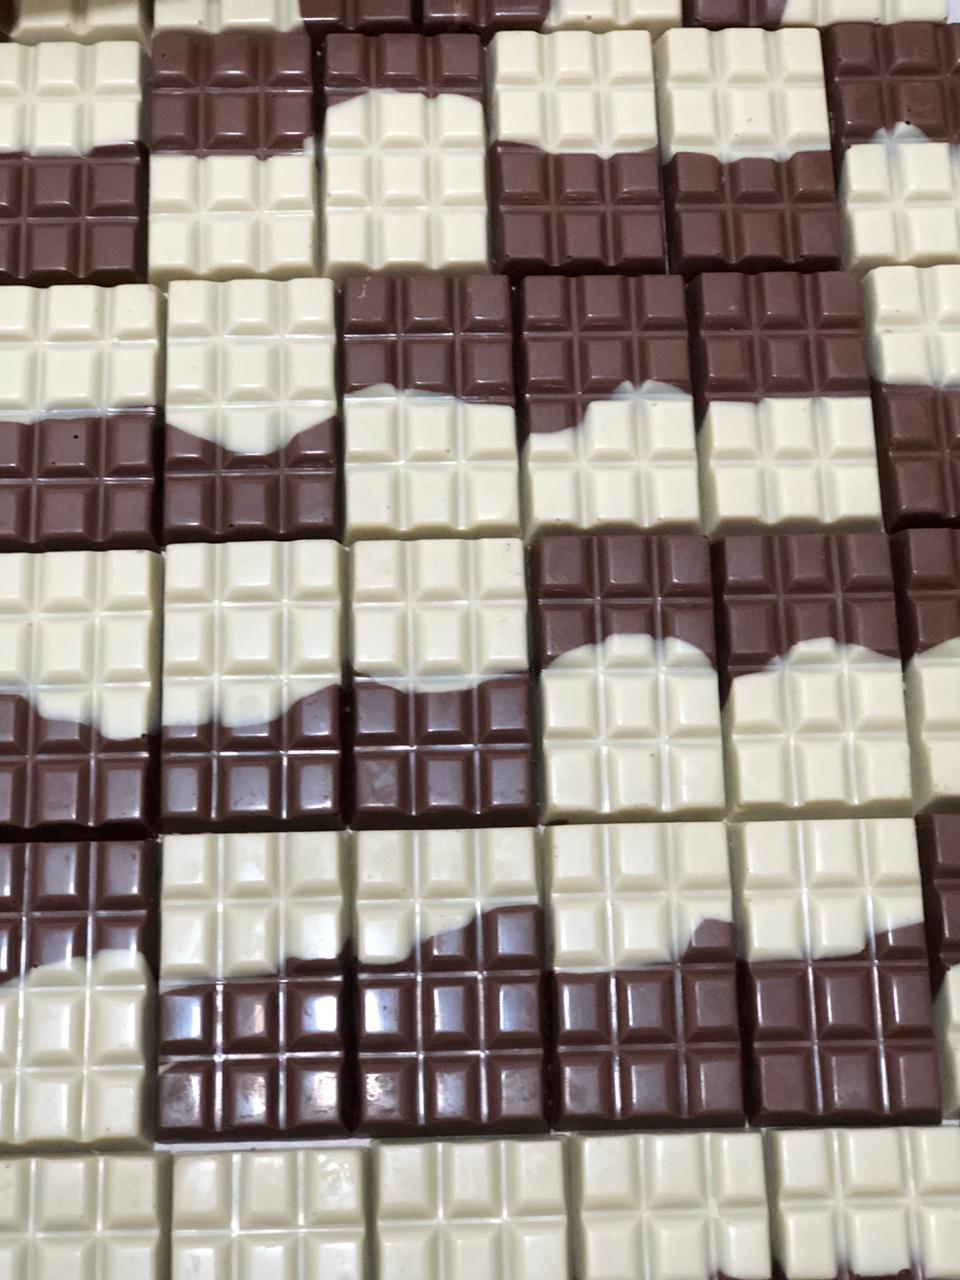 Barra mesclada de chocolate branco e chocolate 45% de cacau 100g